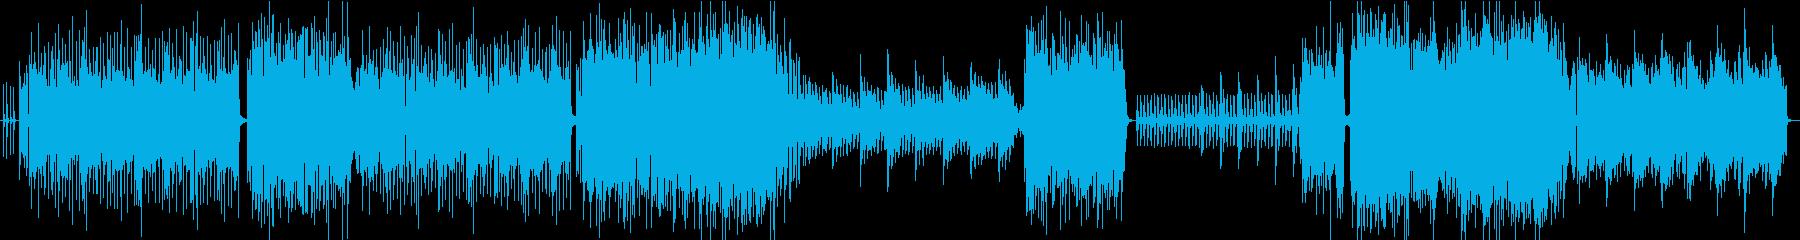 ロケット発射に臨むような高揚感のある曲の再生済みの波形